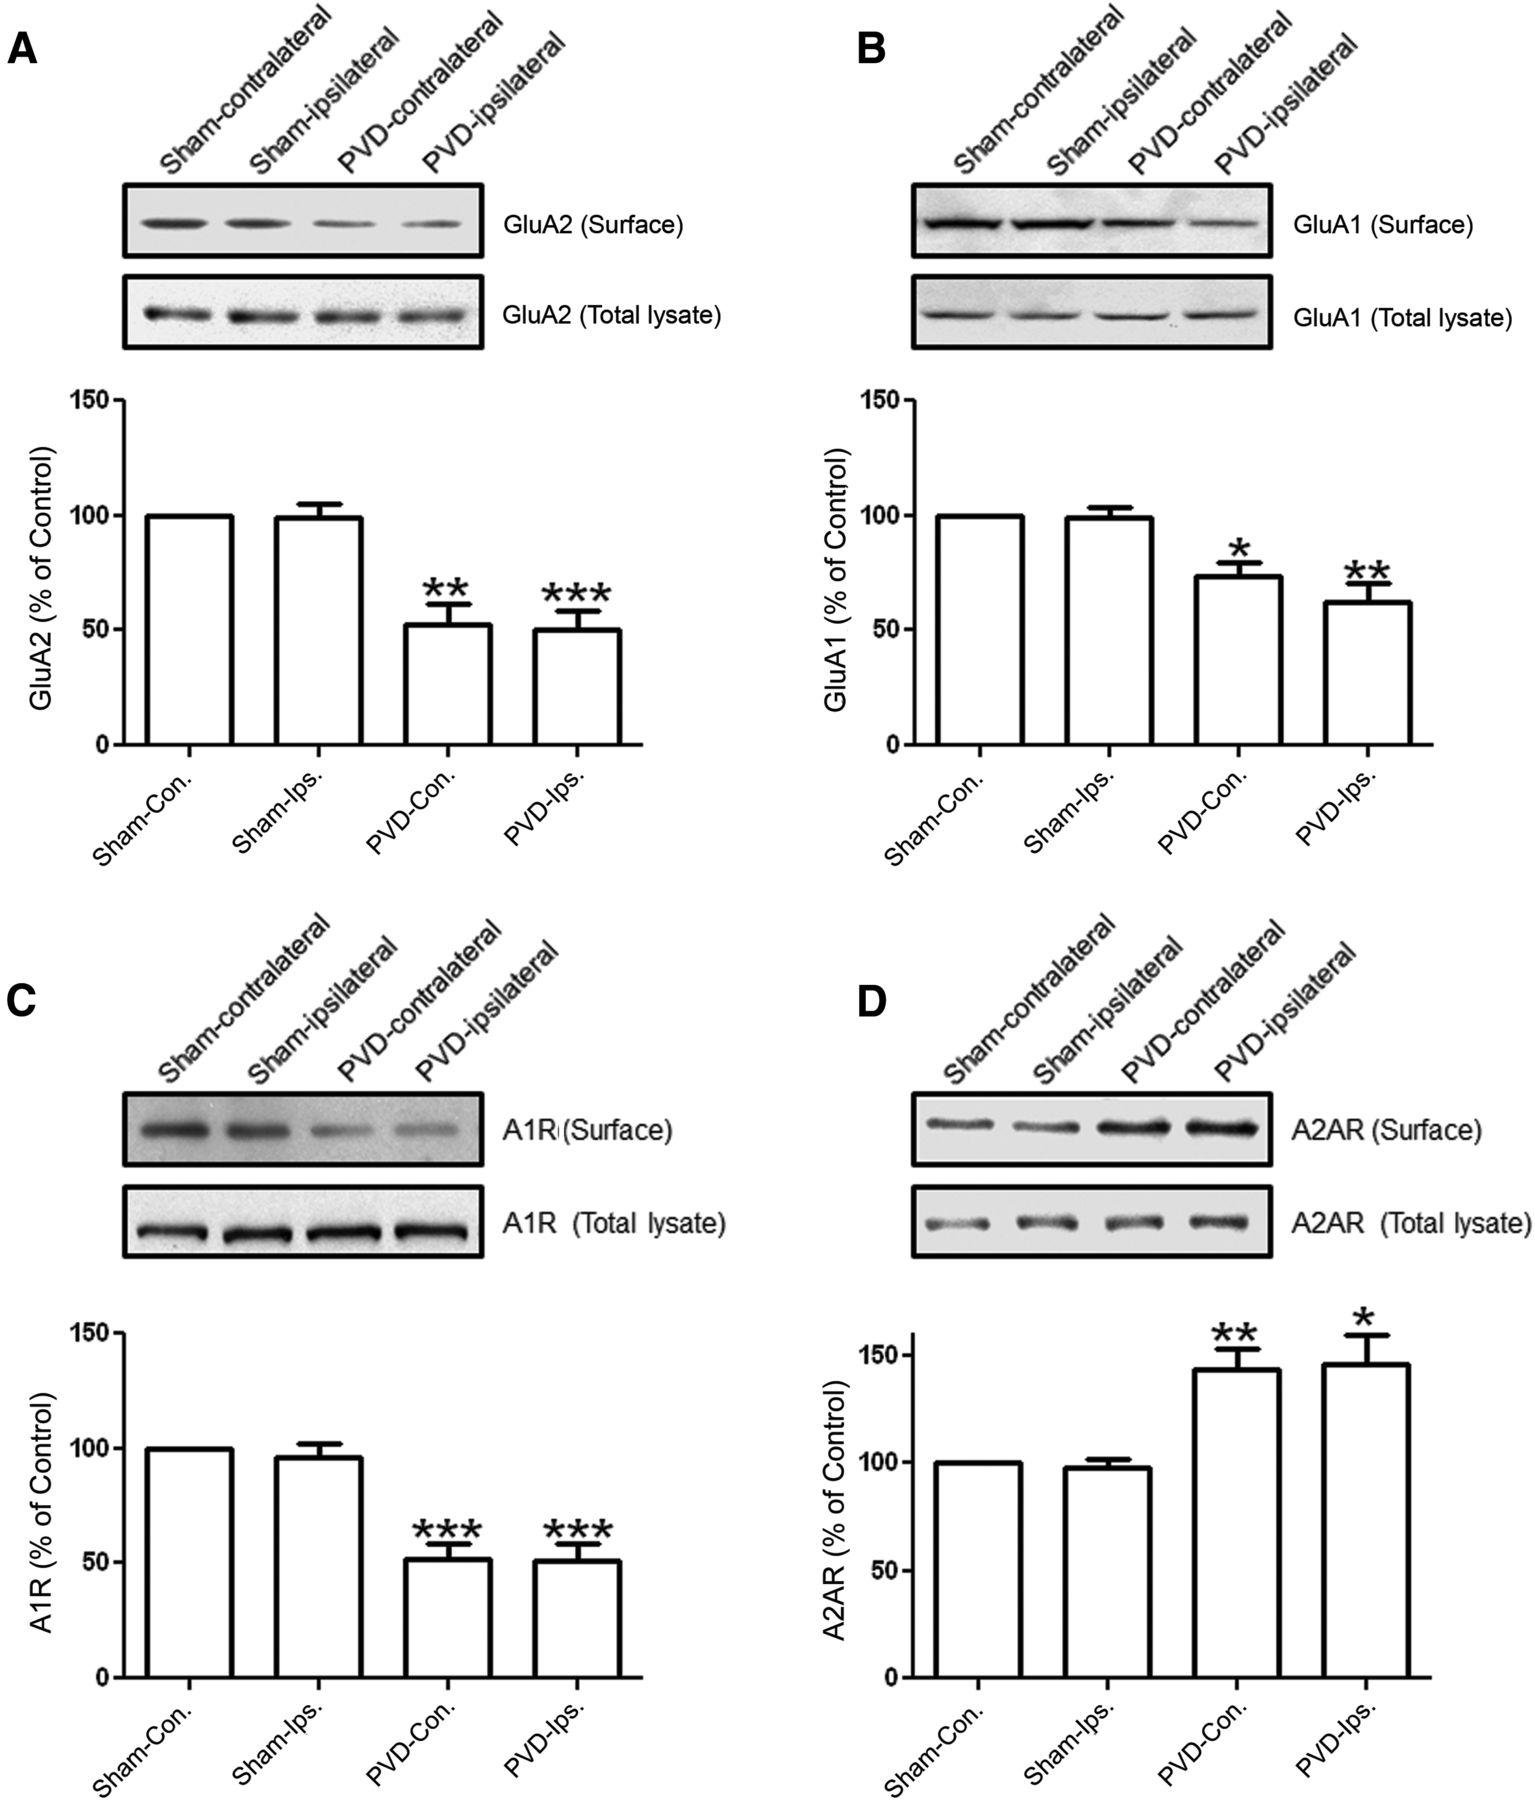 Prolonged Adenosine A1 Receptor Activation in Hypoxia and